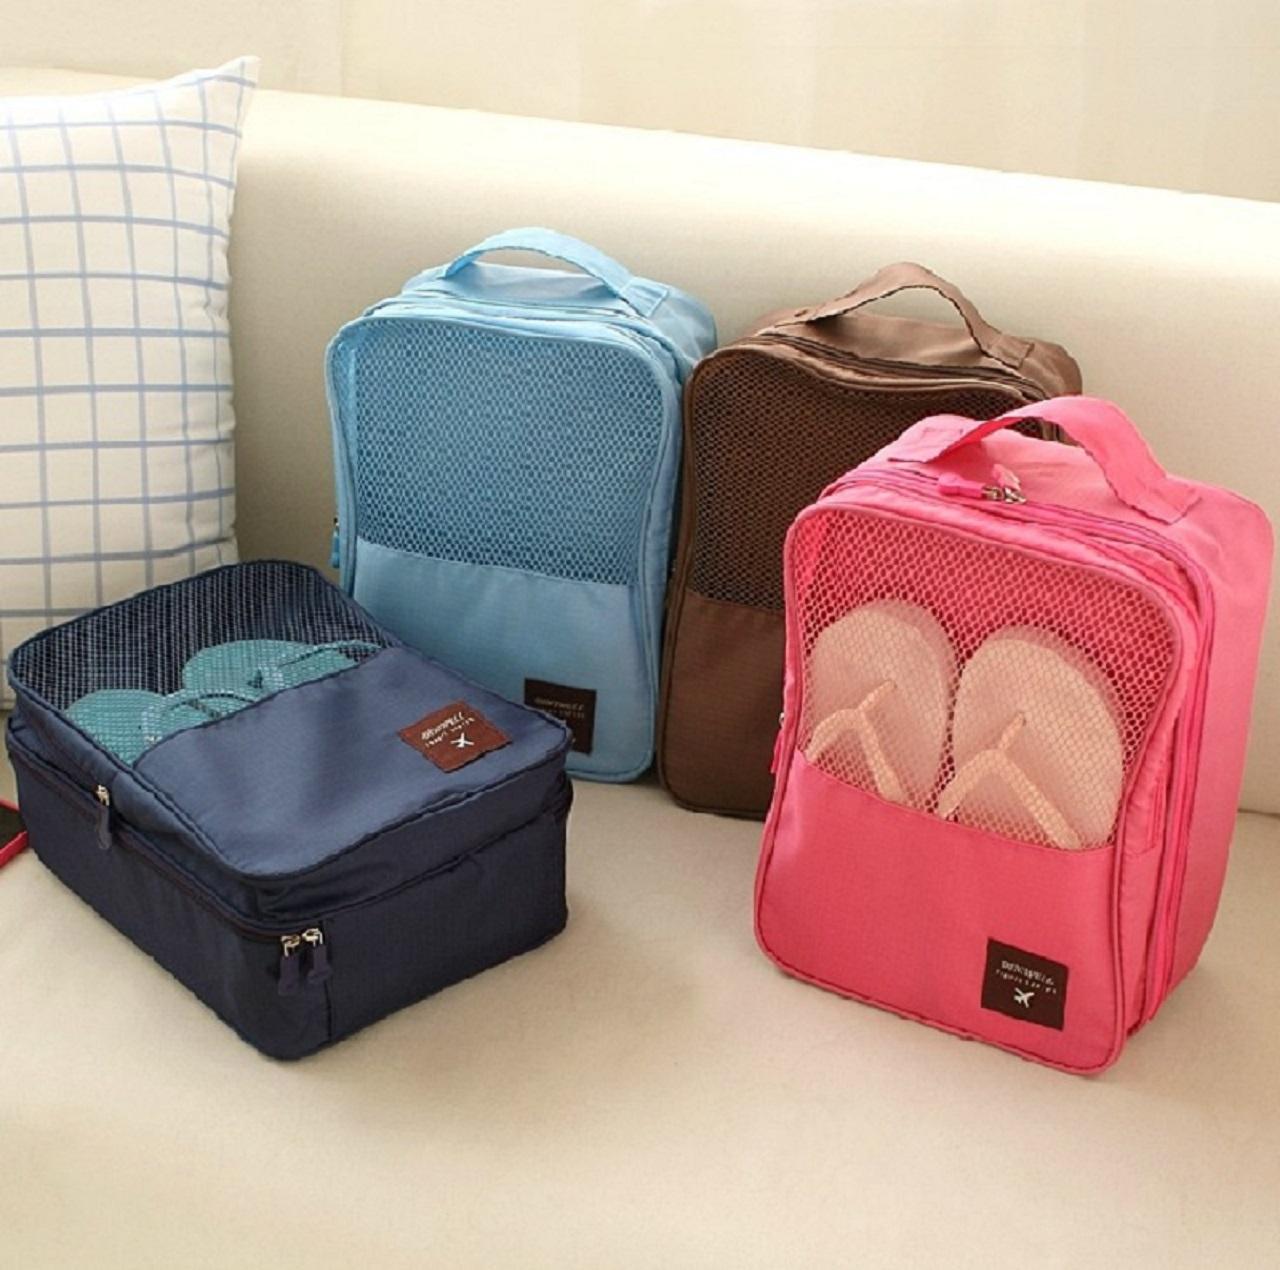 Путешествие хранение коробка для обуви разбираться обувь, сумки портативный обувь, сумки путешествие обувь багаж мешок водонепроницаемый обувной лю волны в этом же моделье